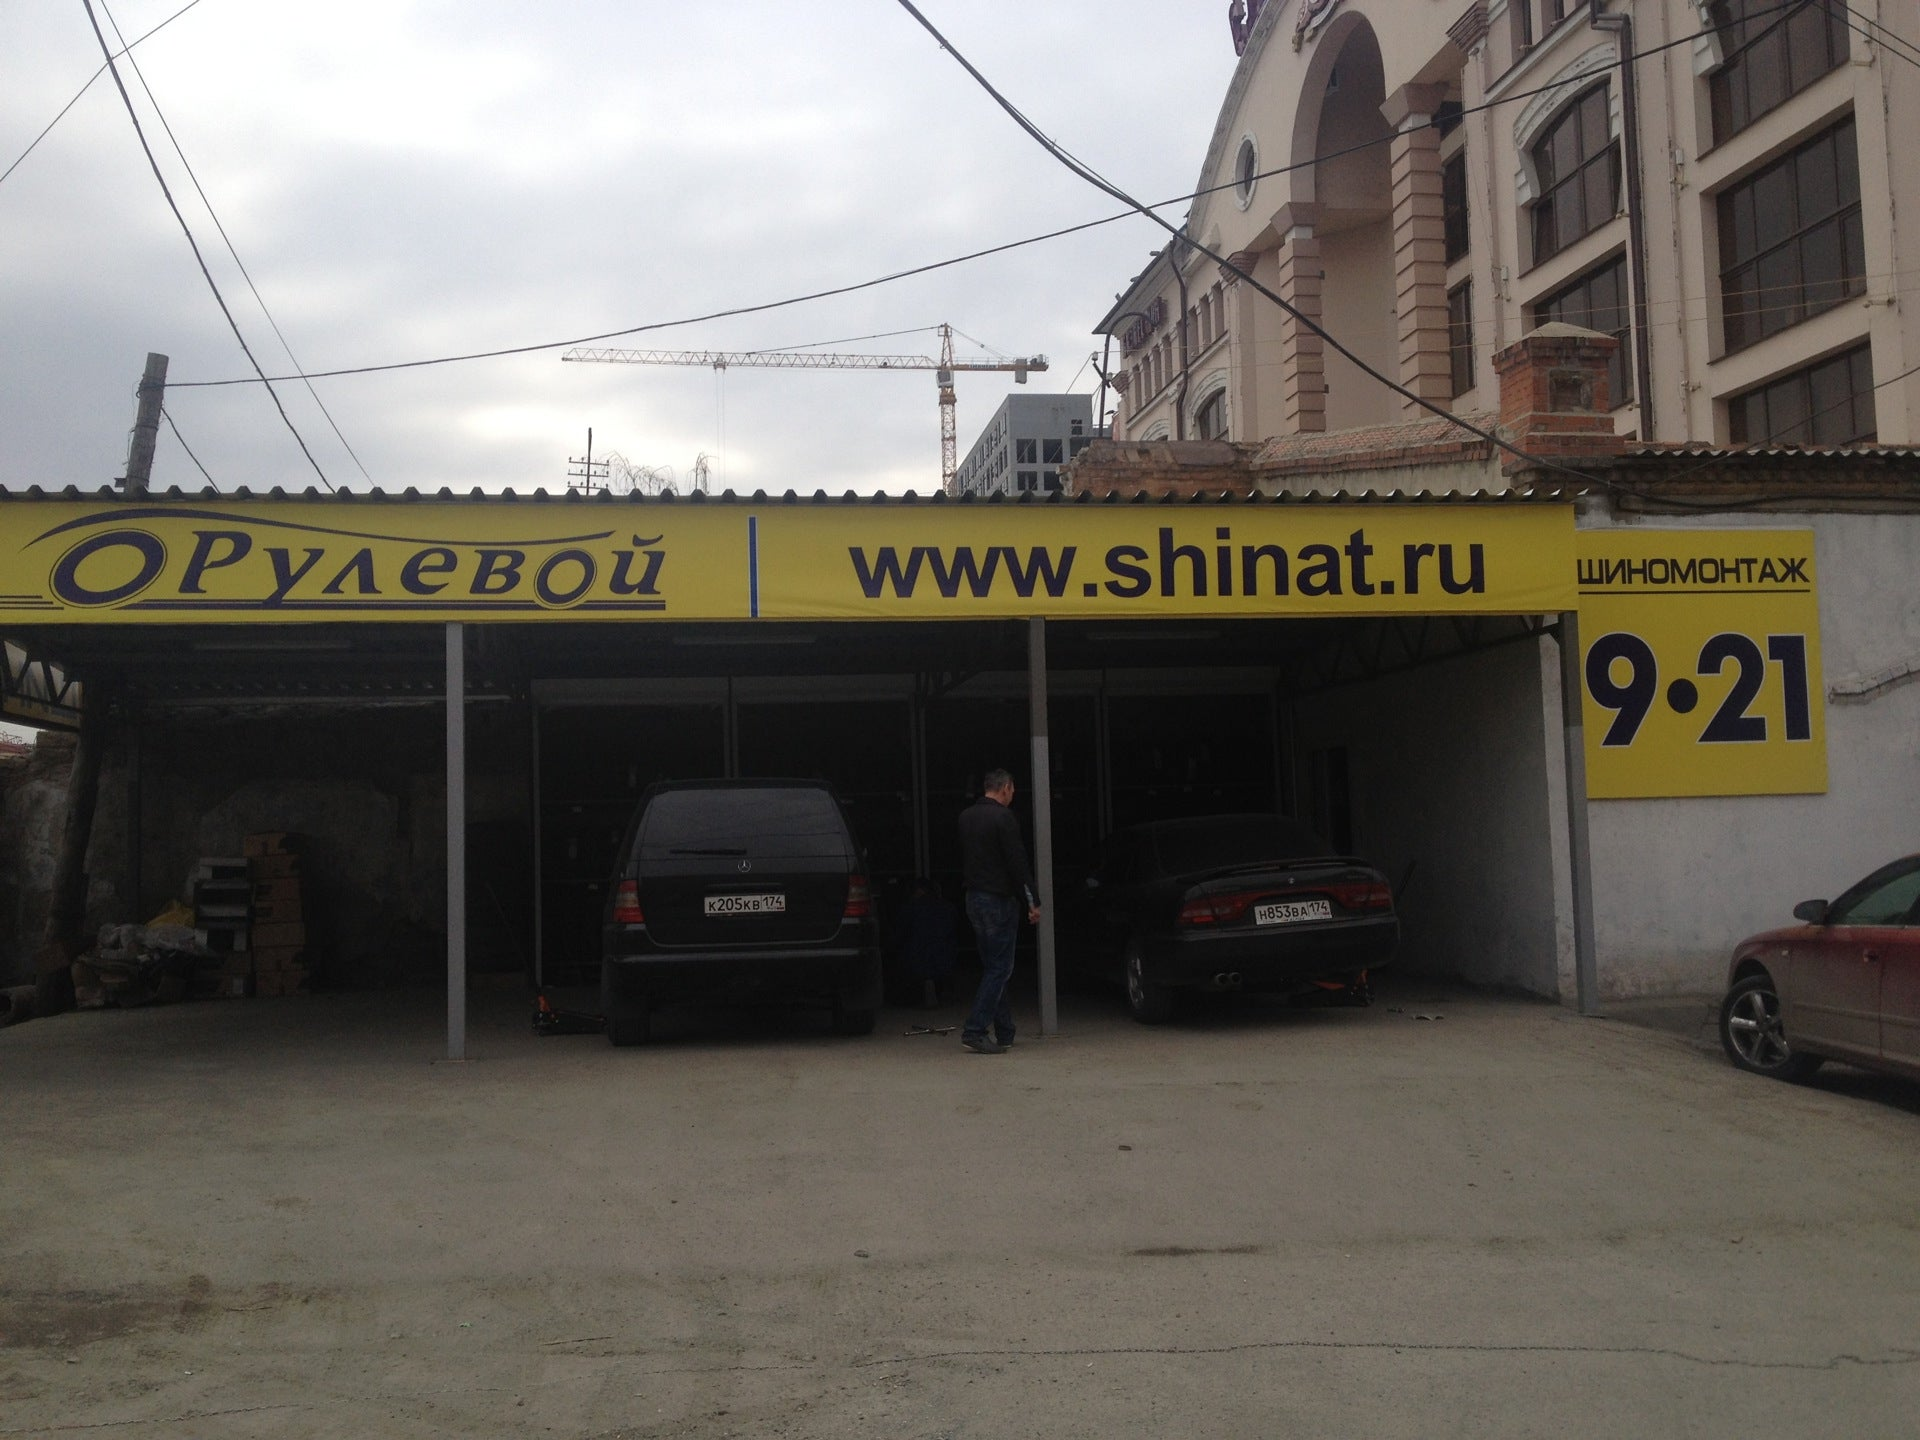 Шинавтотех-Рулевой фото 3